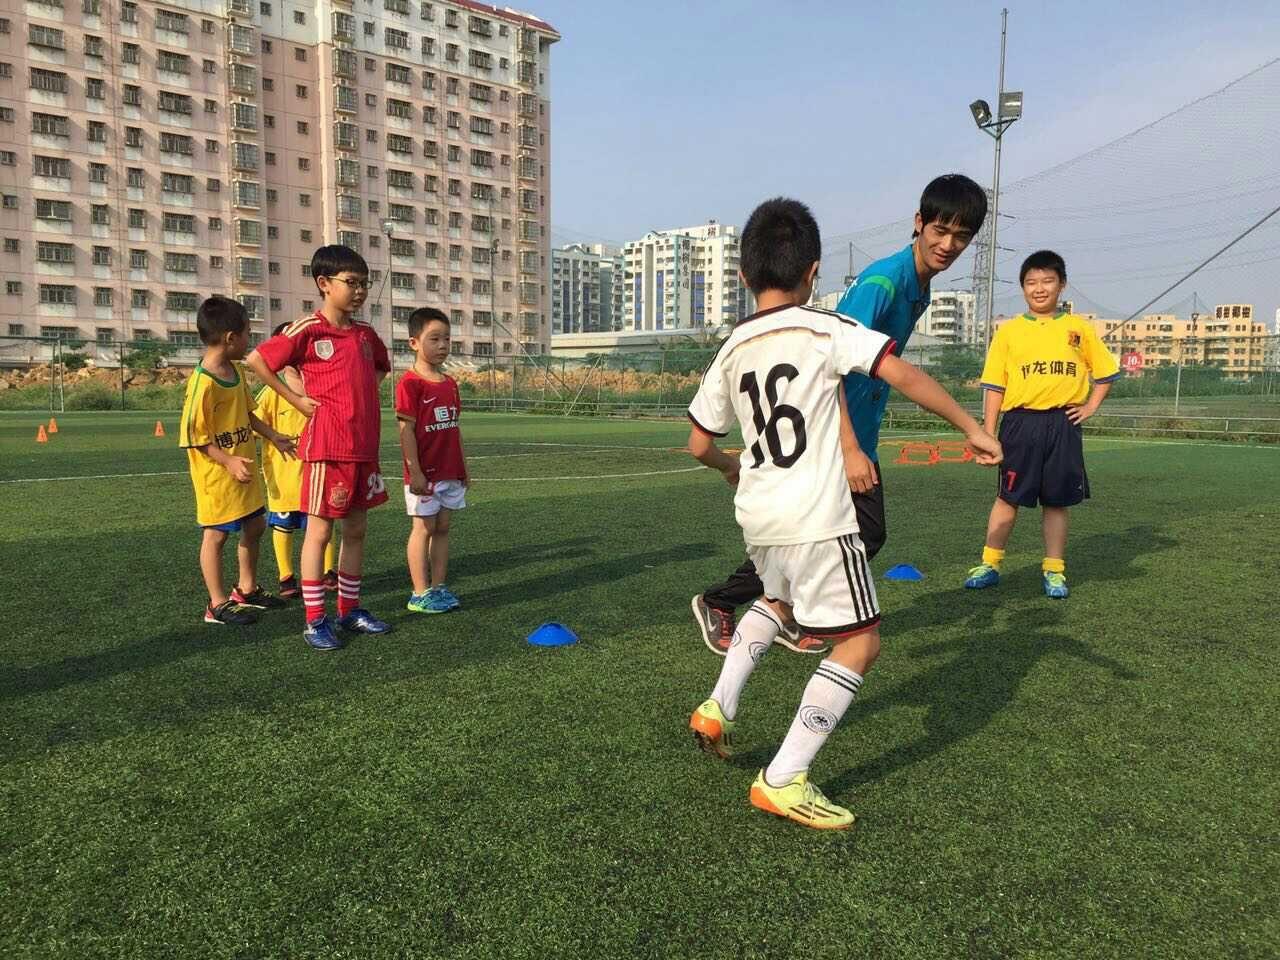 博龙足球培训与你分享足球快乐